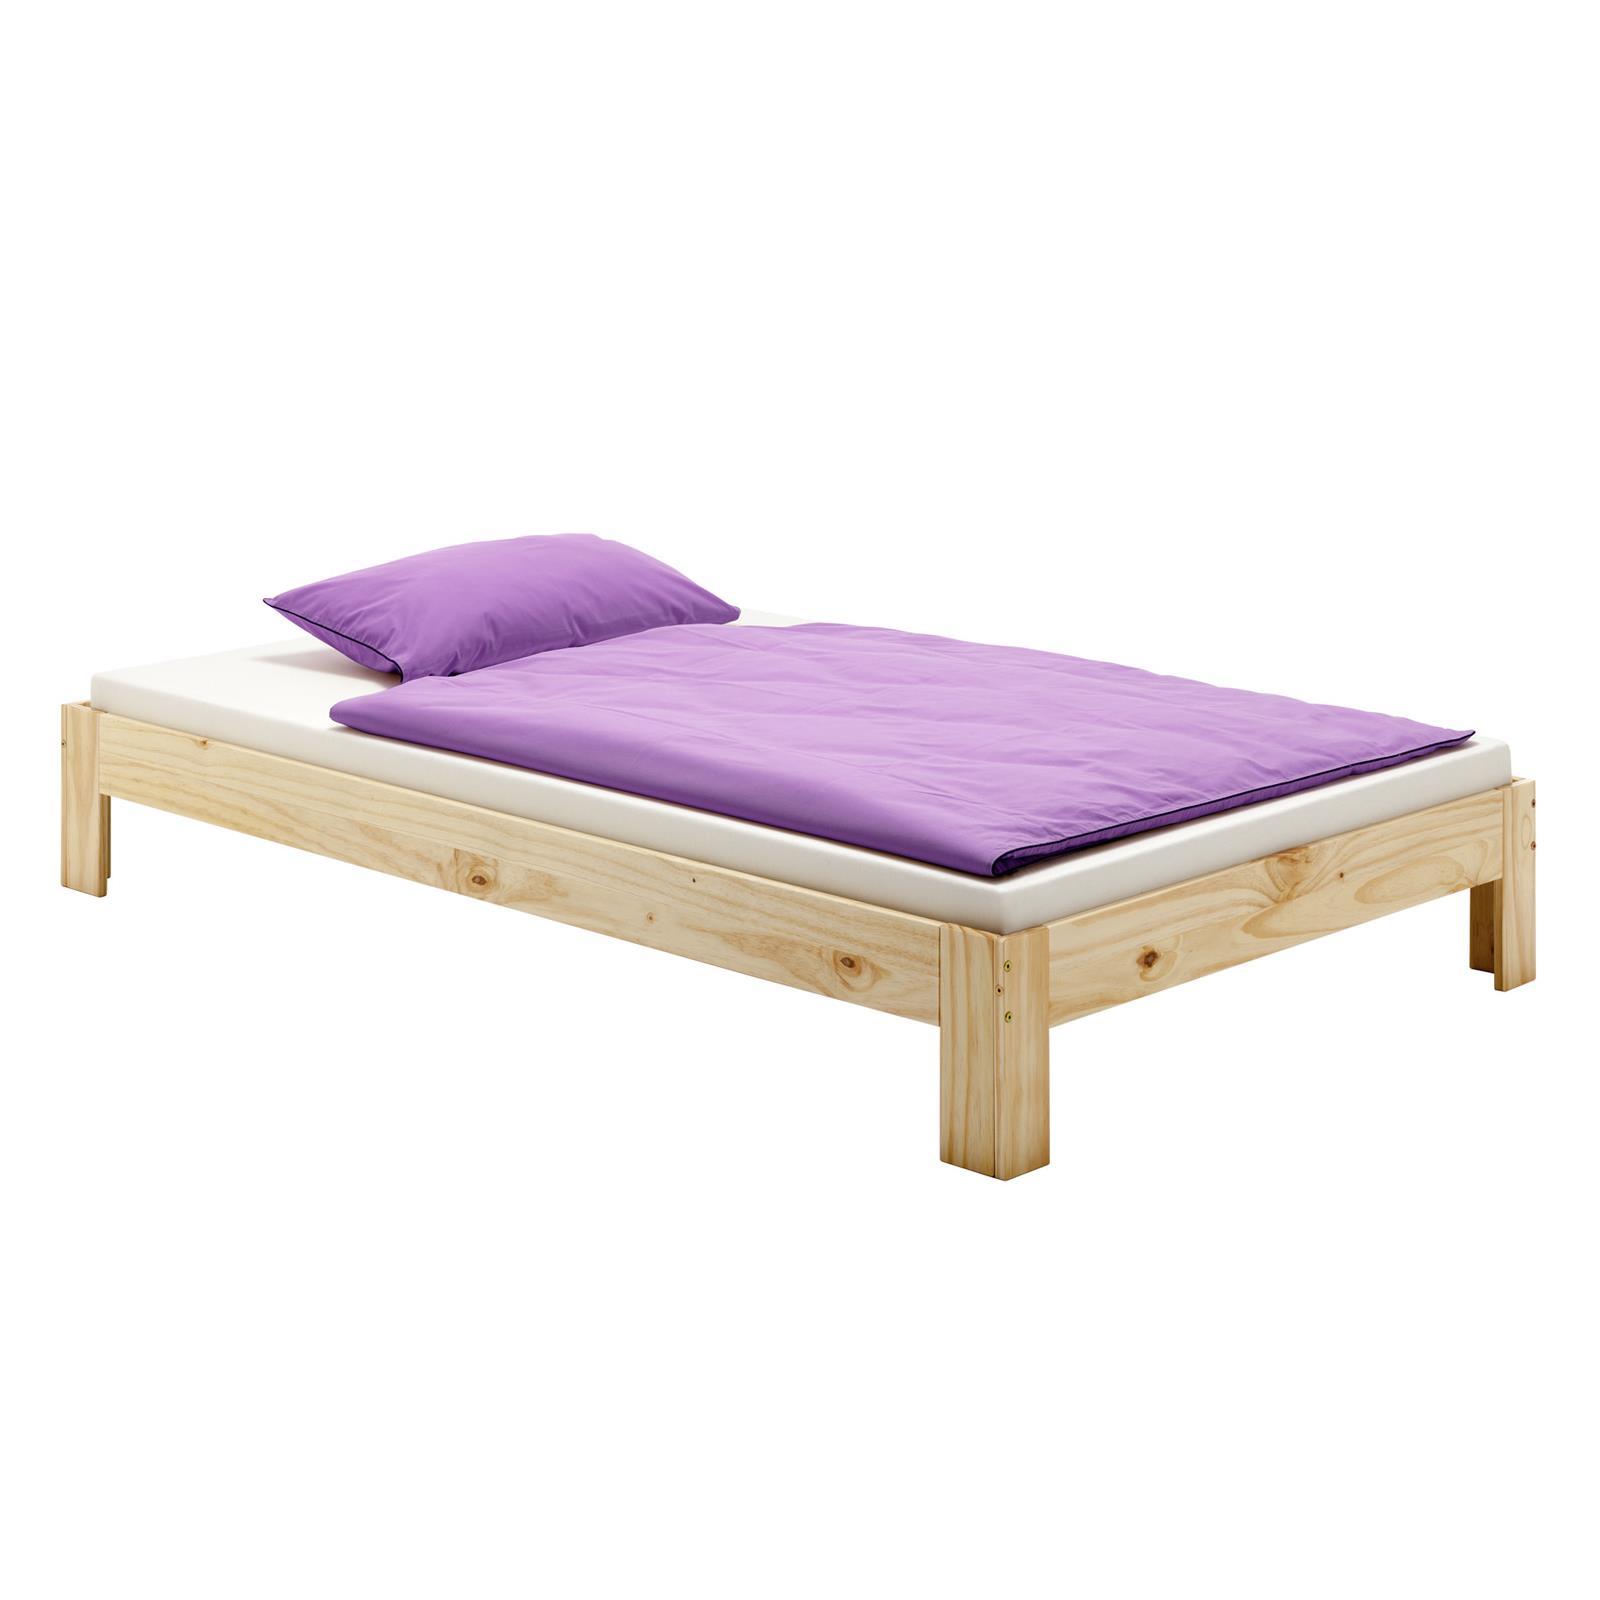 futonbett thomas 140 x 190 cm natur mobilia24. Black Bedroom Furniture Sets. Home Design Ideas